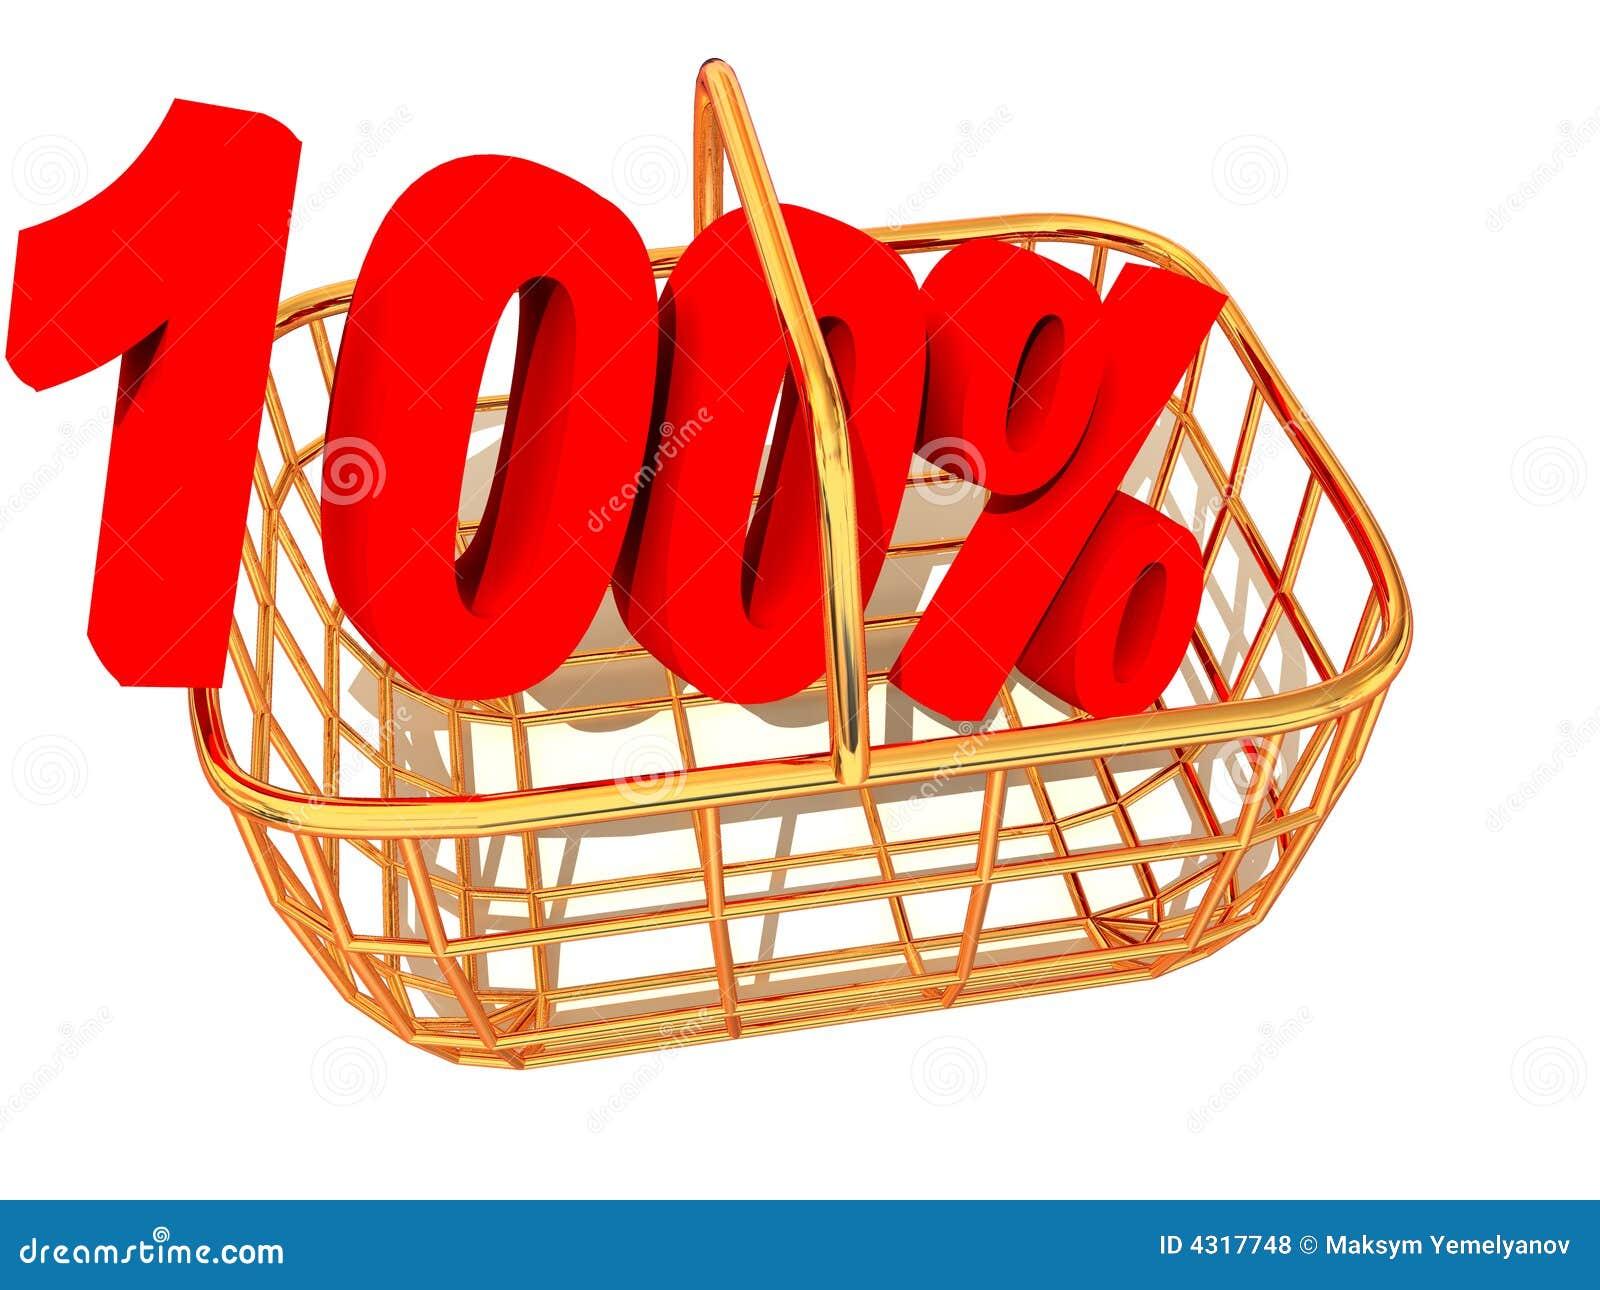 De mand van de consument met 100 percenten.